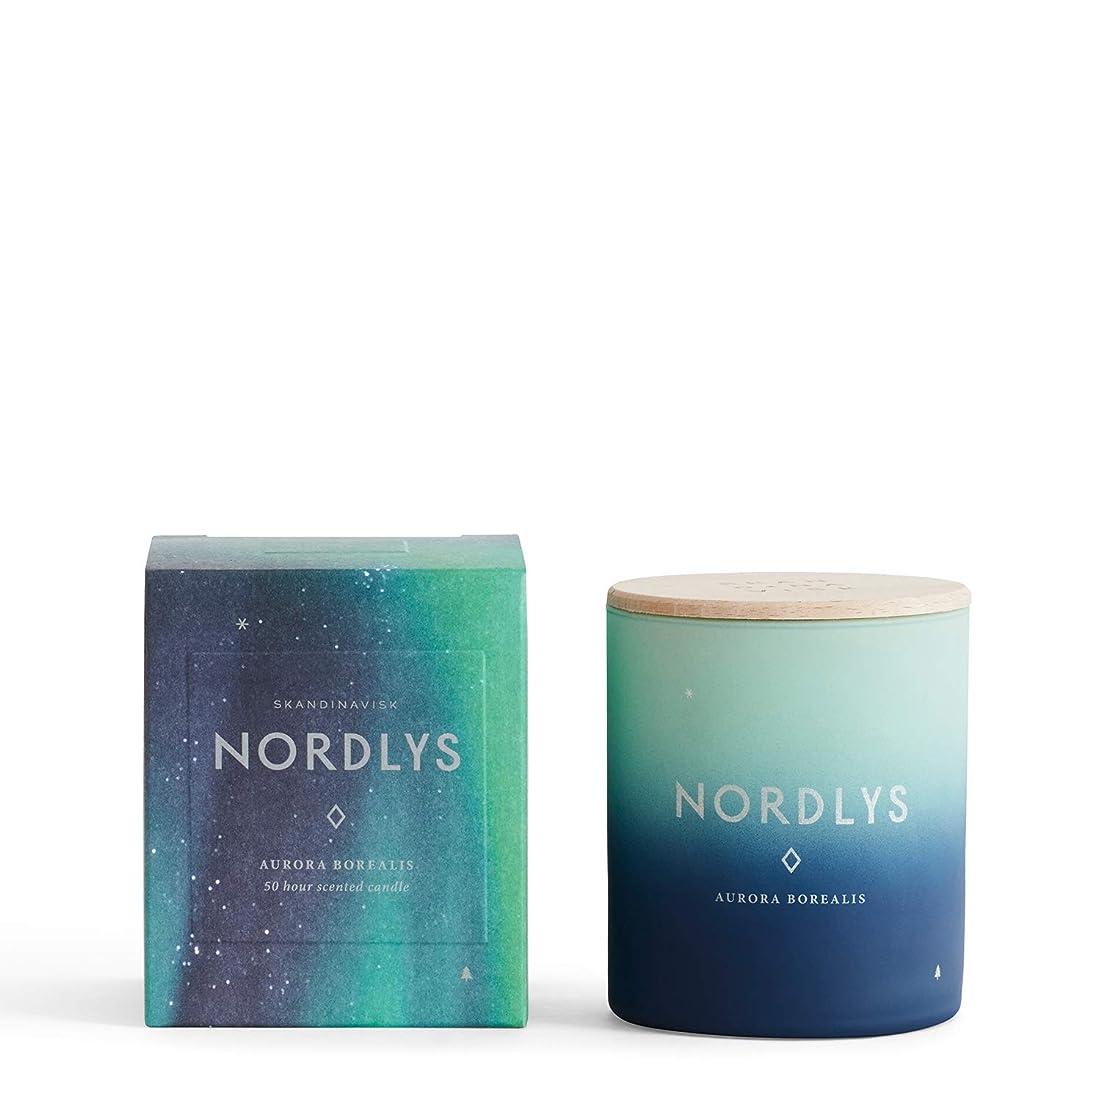 喉が渇いたレジトロピカルSKANDINAVISK センテッドキャンドル NORDLYS (NORTHERN LIGHT) 190g